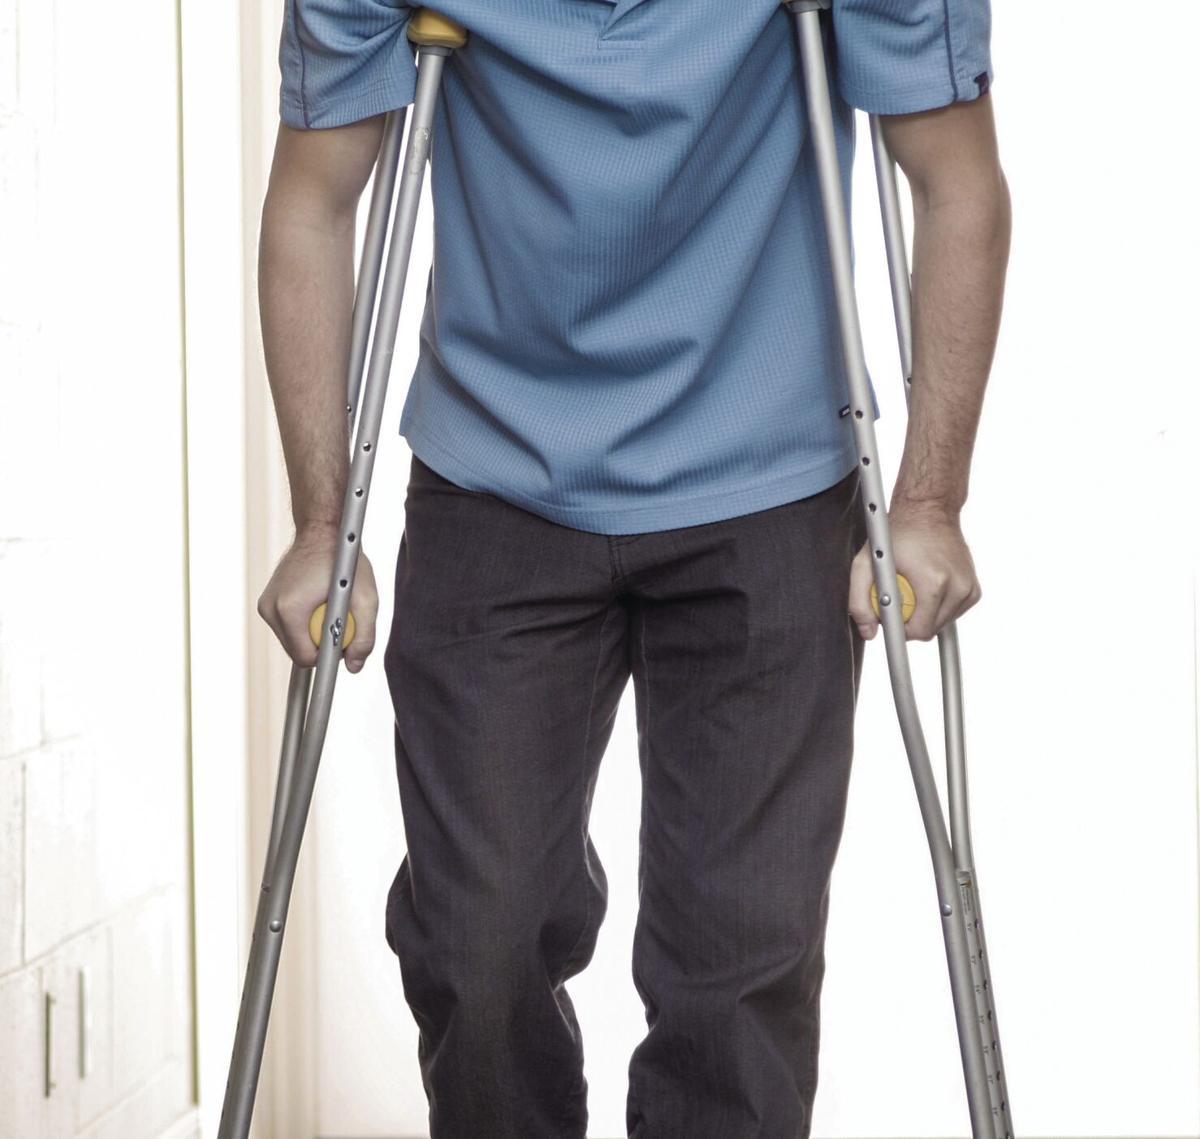 stock_crutches